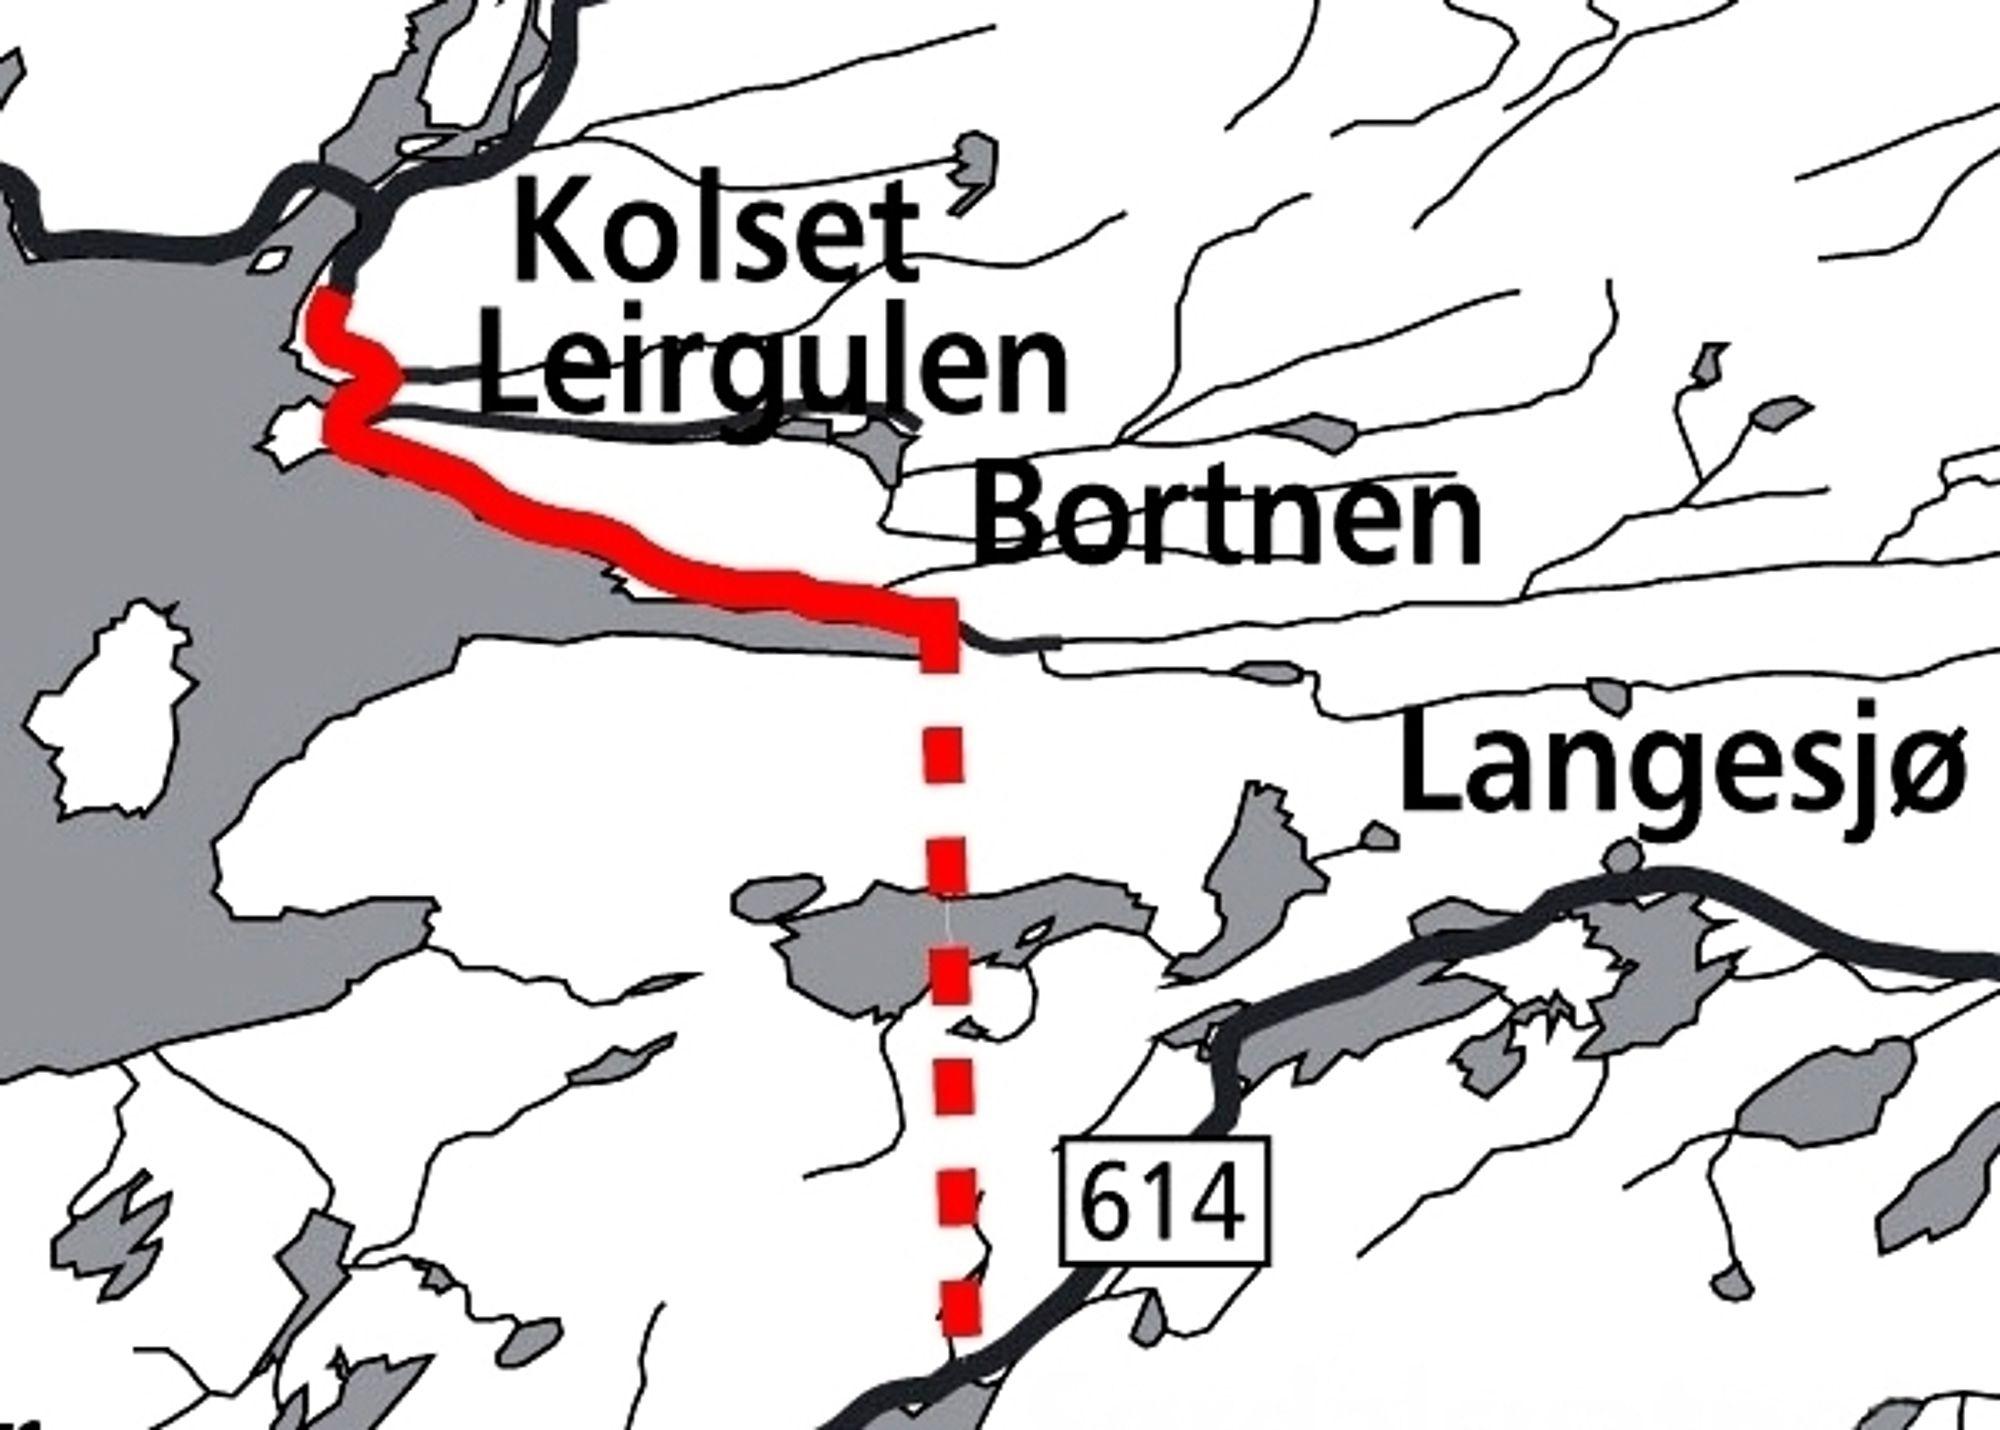 K. A. Aurstad skal anlegge vegen som er markert med heltrukket rød linje. Den stiplete linjen nedenfor viser traséen til Bortnetunnelen. Ill.: Statens vegvesen